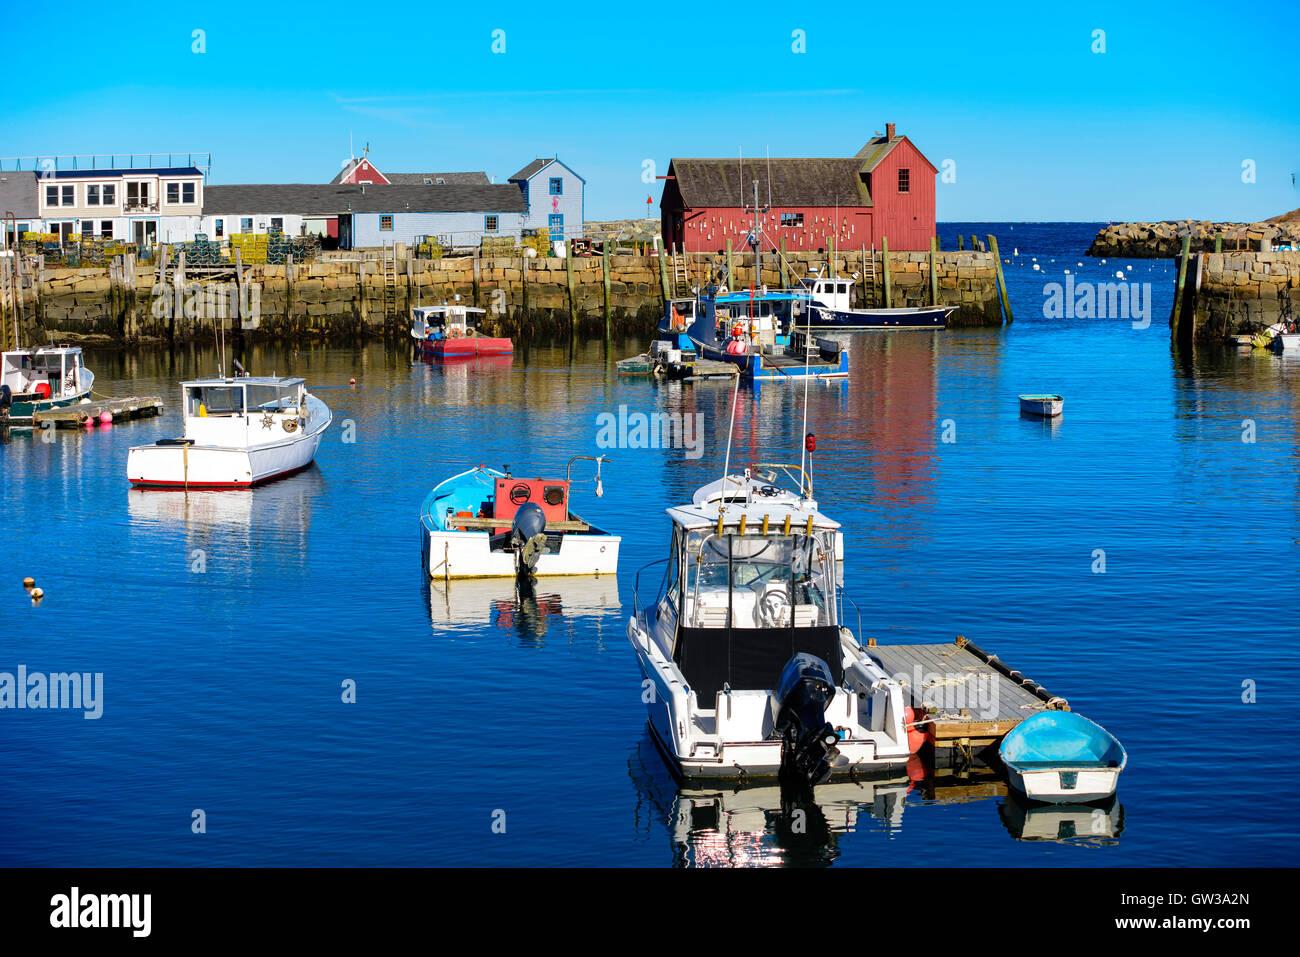 Rockport harbor con motivo número 1, pesca choza en el fondo, ubicado en Rockport Massachusetts Imagen De Stock